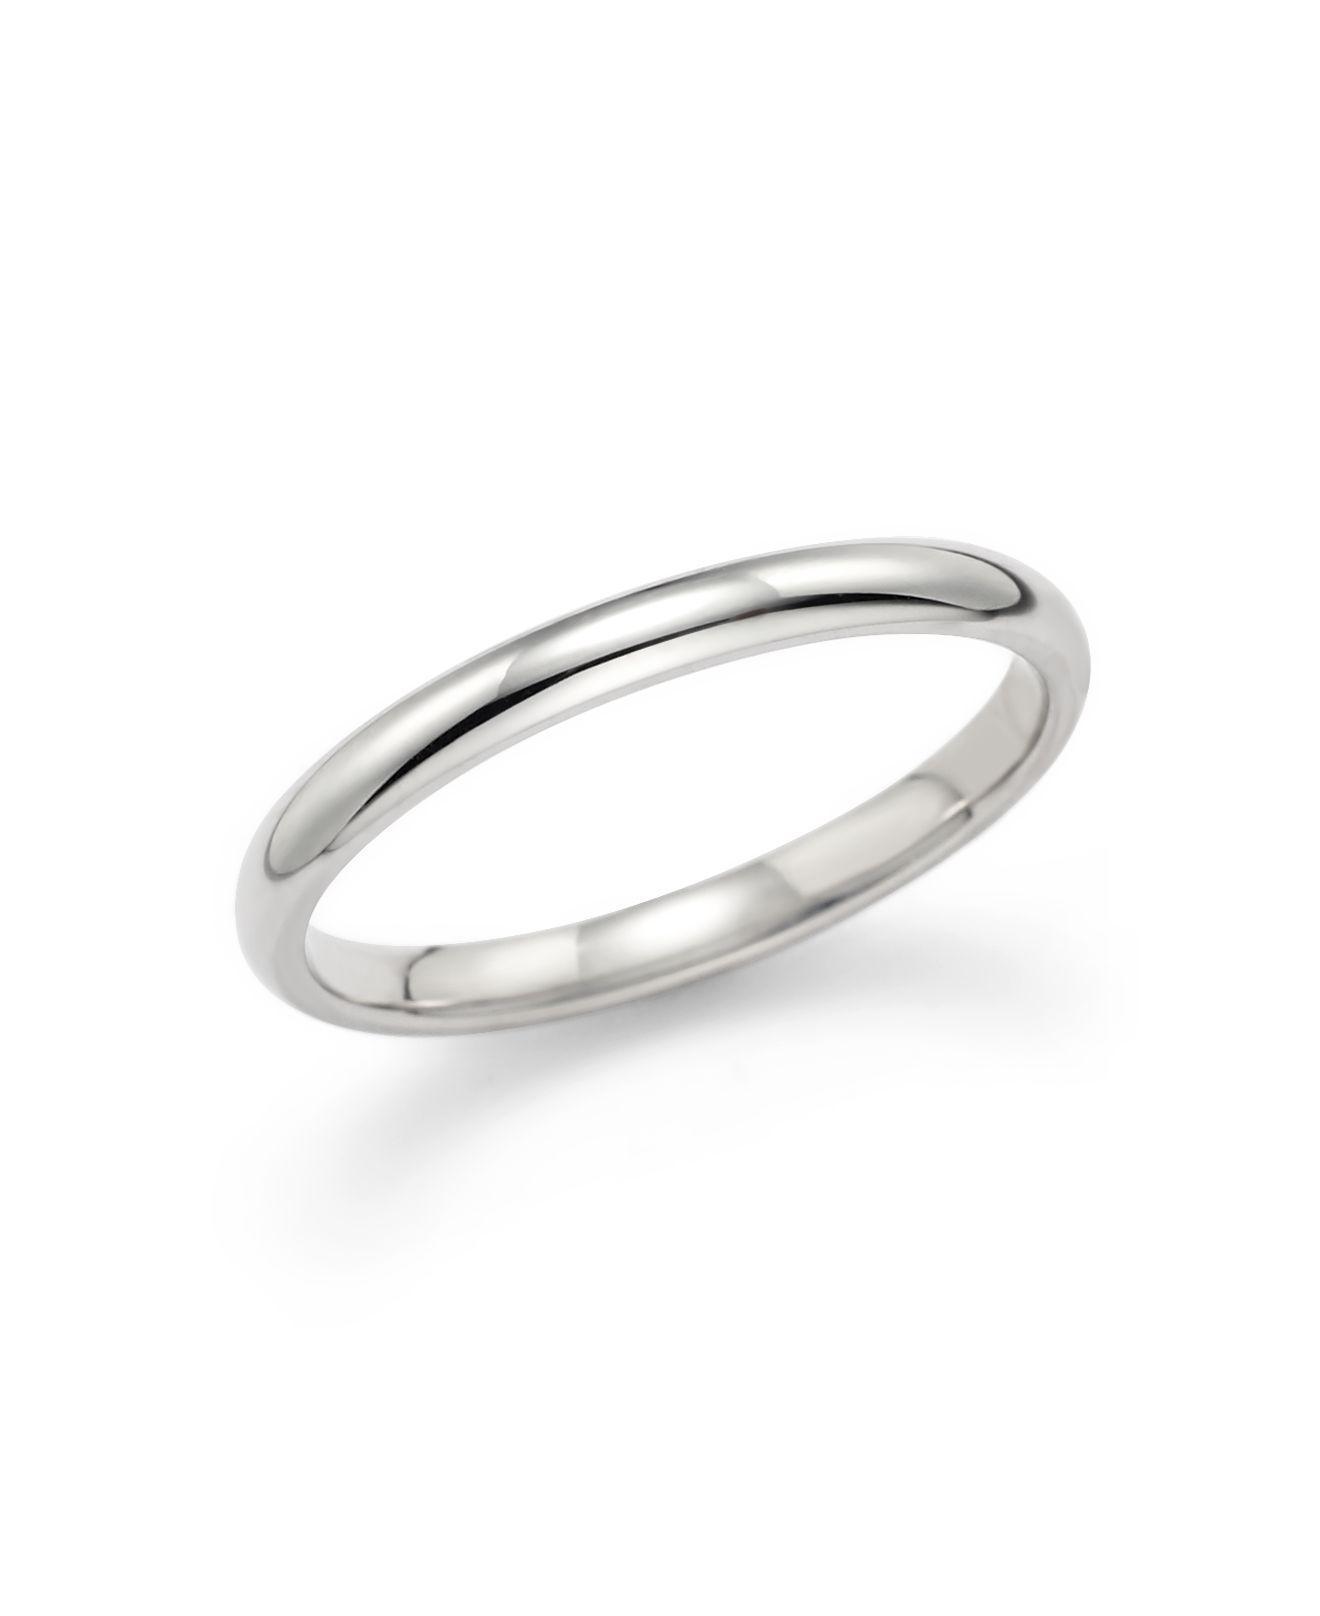 Lyst Bloomingdales Polished Comfort Feel Wedding Ring In 14k